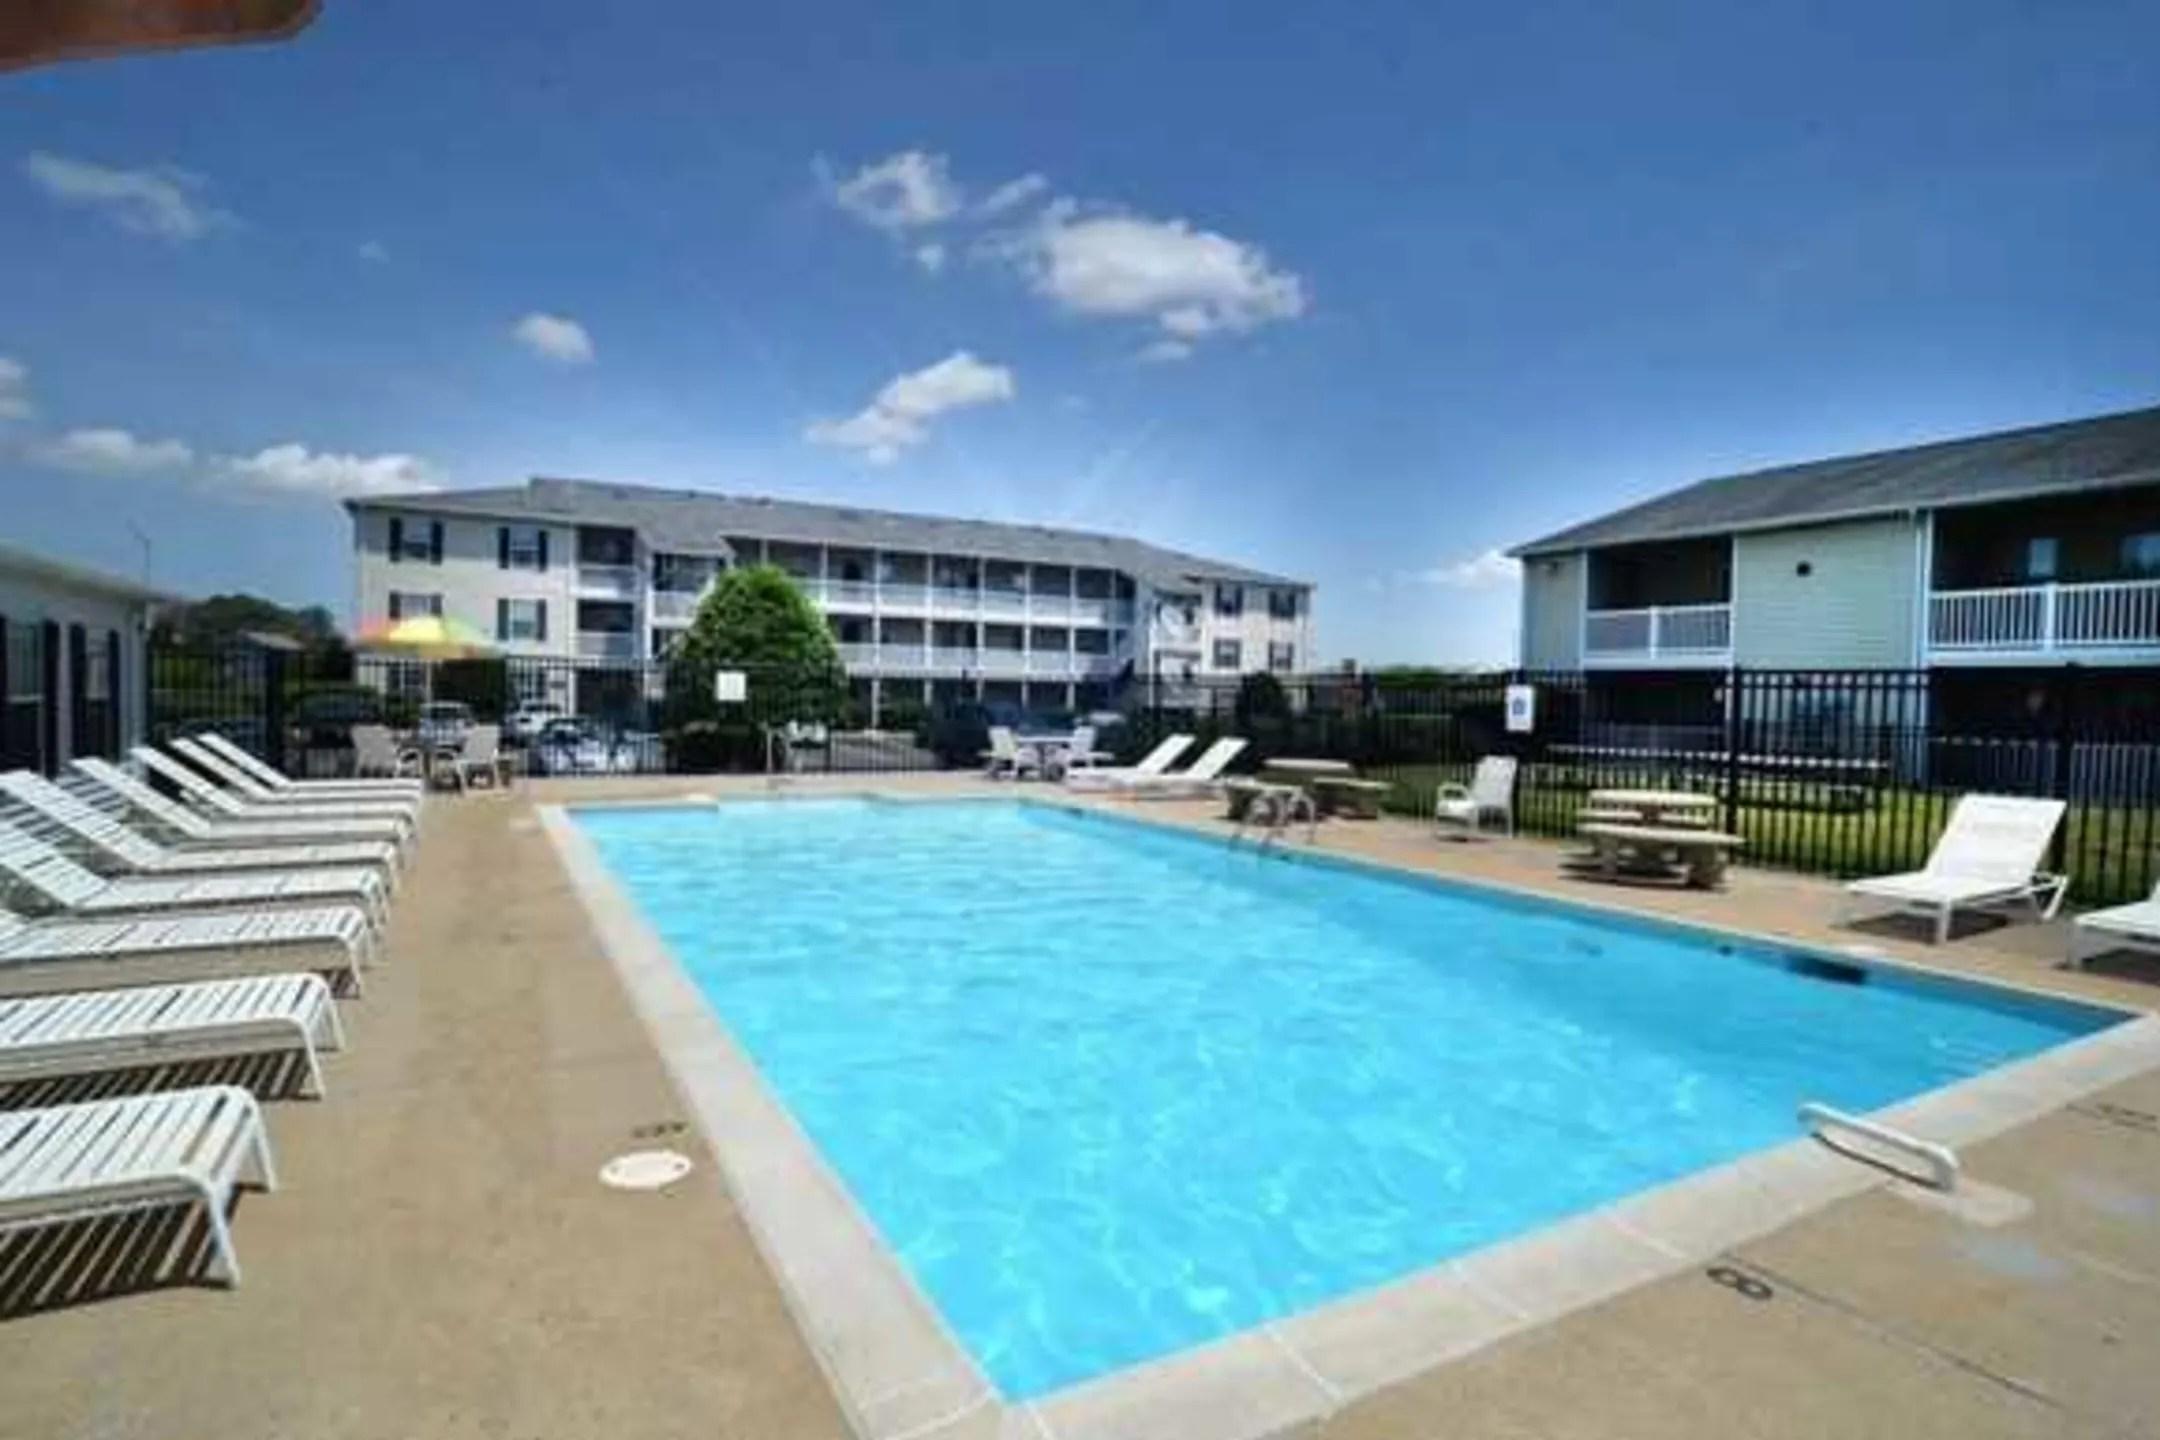 Crystal Lake Apartments  Norfolk VA 23502